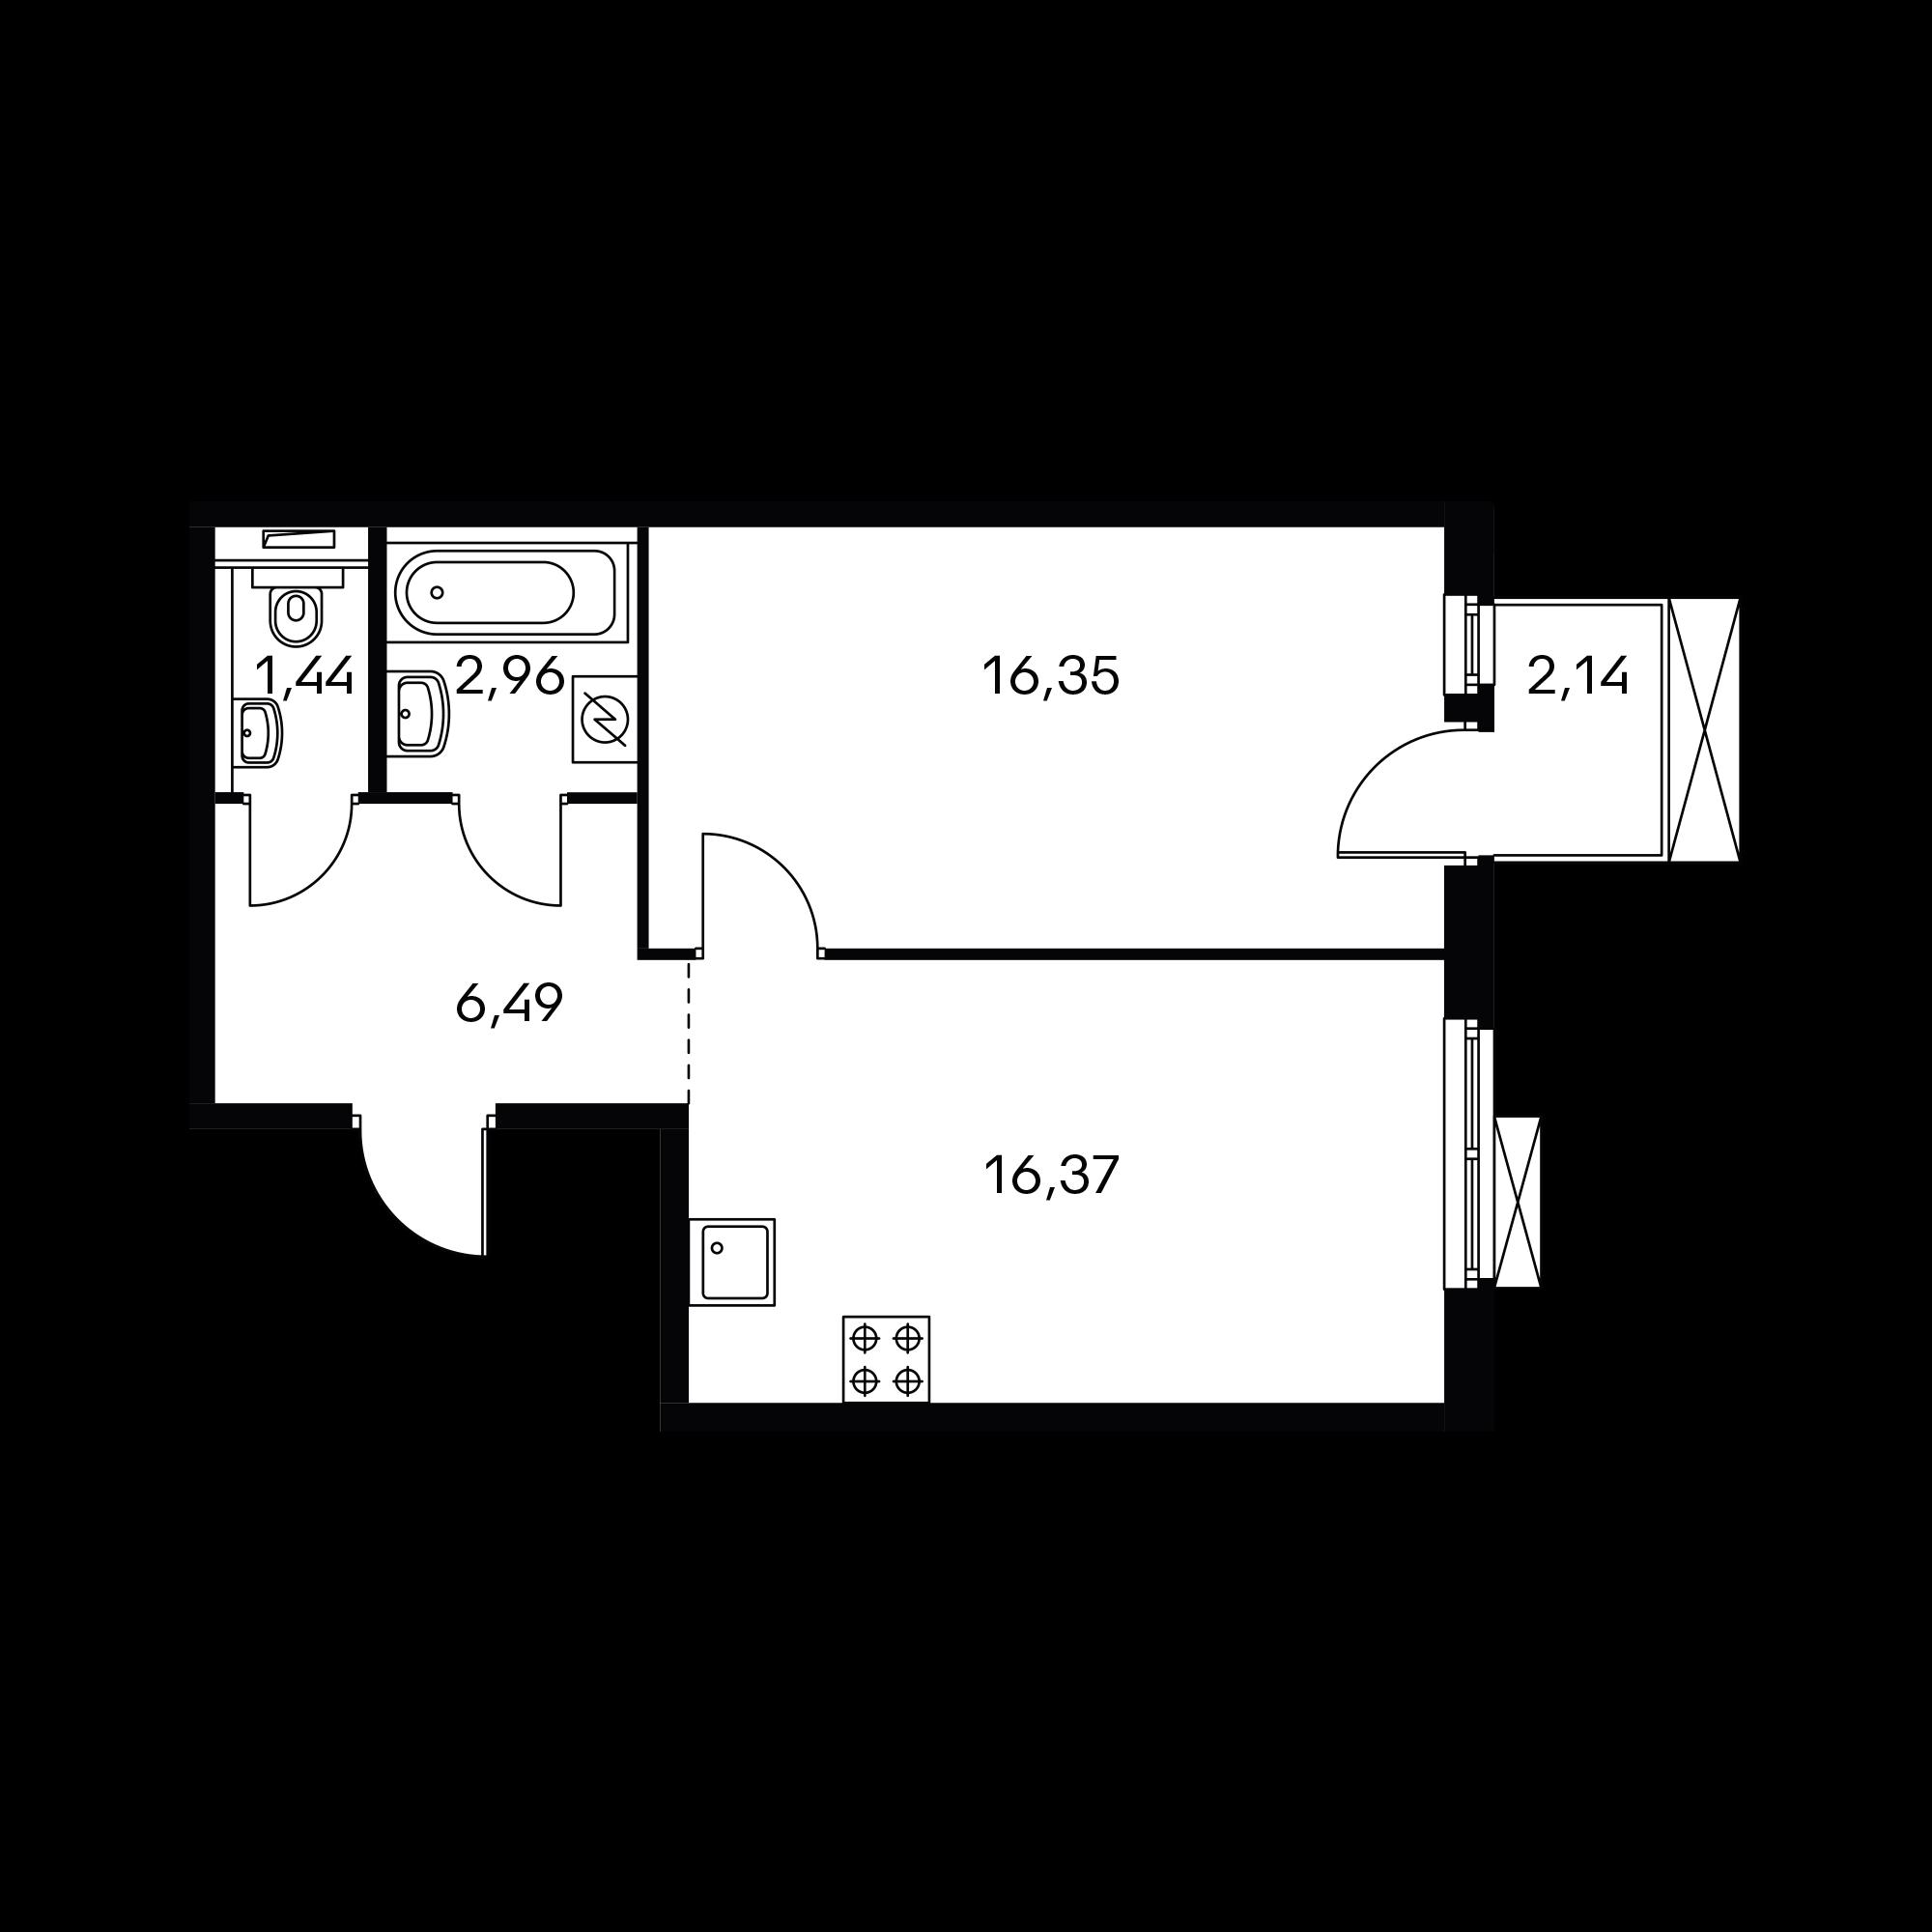 1EL21_8.7-1_B_S_Z